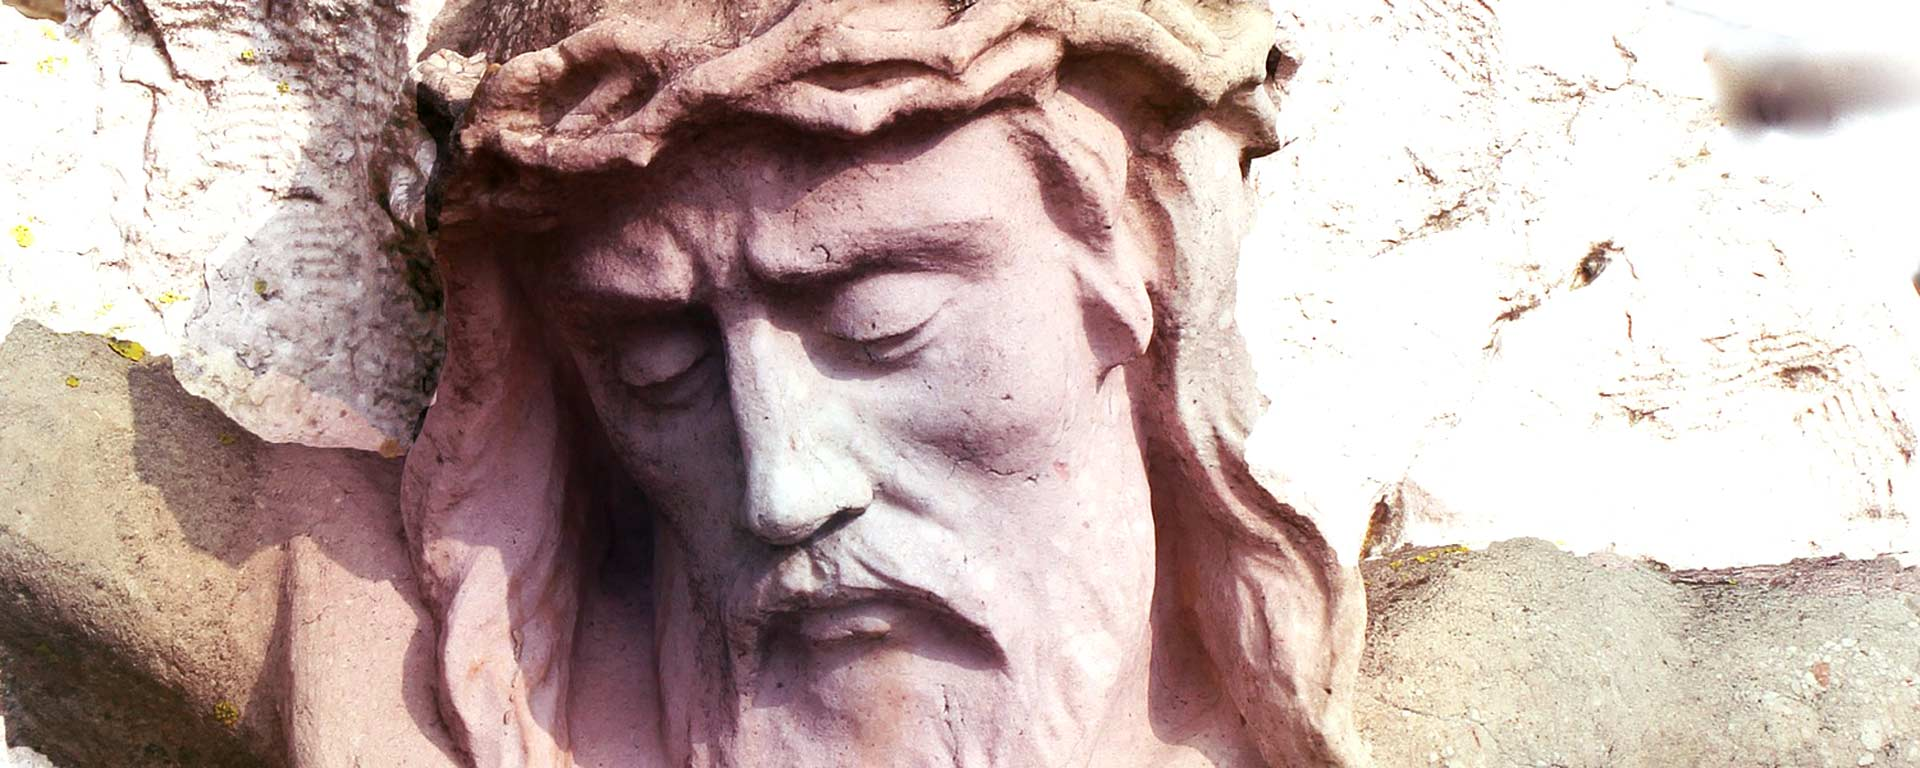 Stenskulptur av Jesus på korset